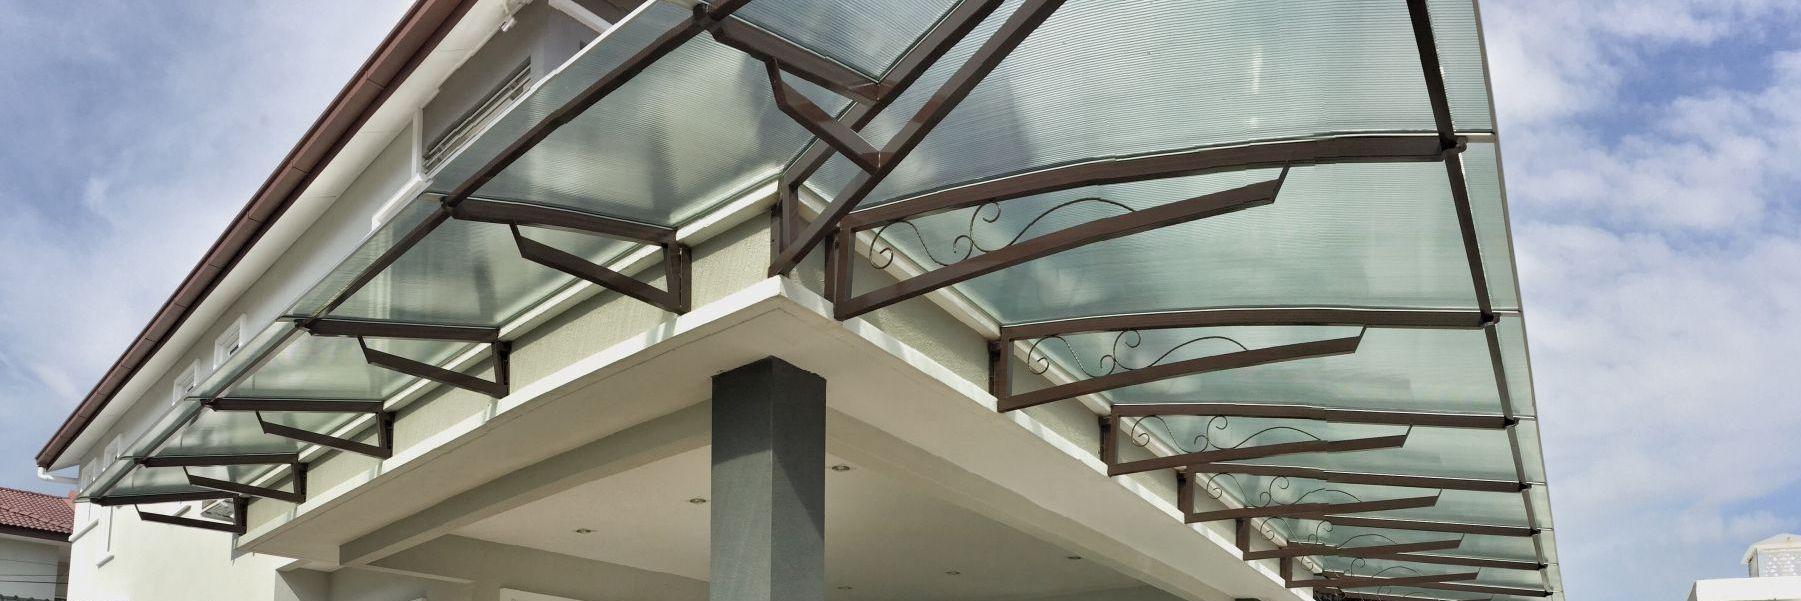 DYI - Multiwall 5 wall Canopy